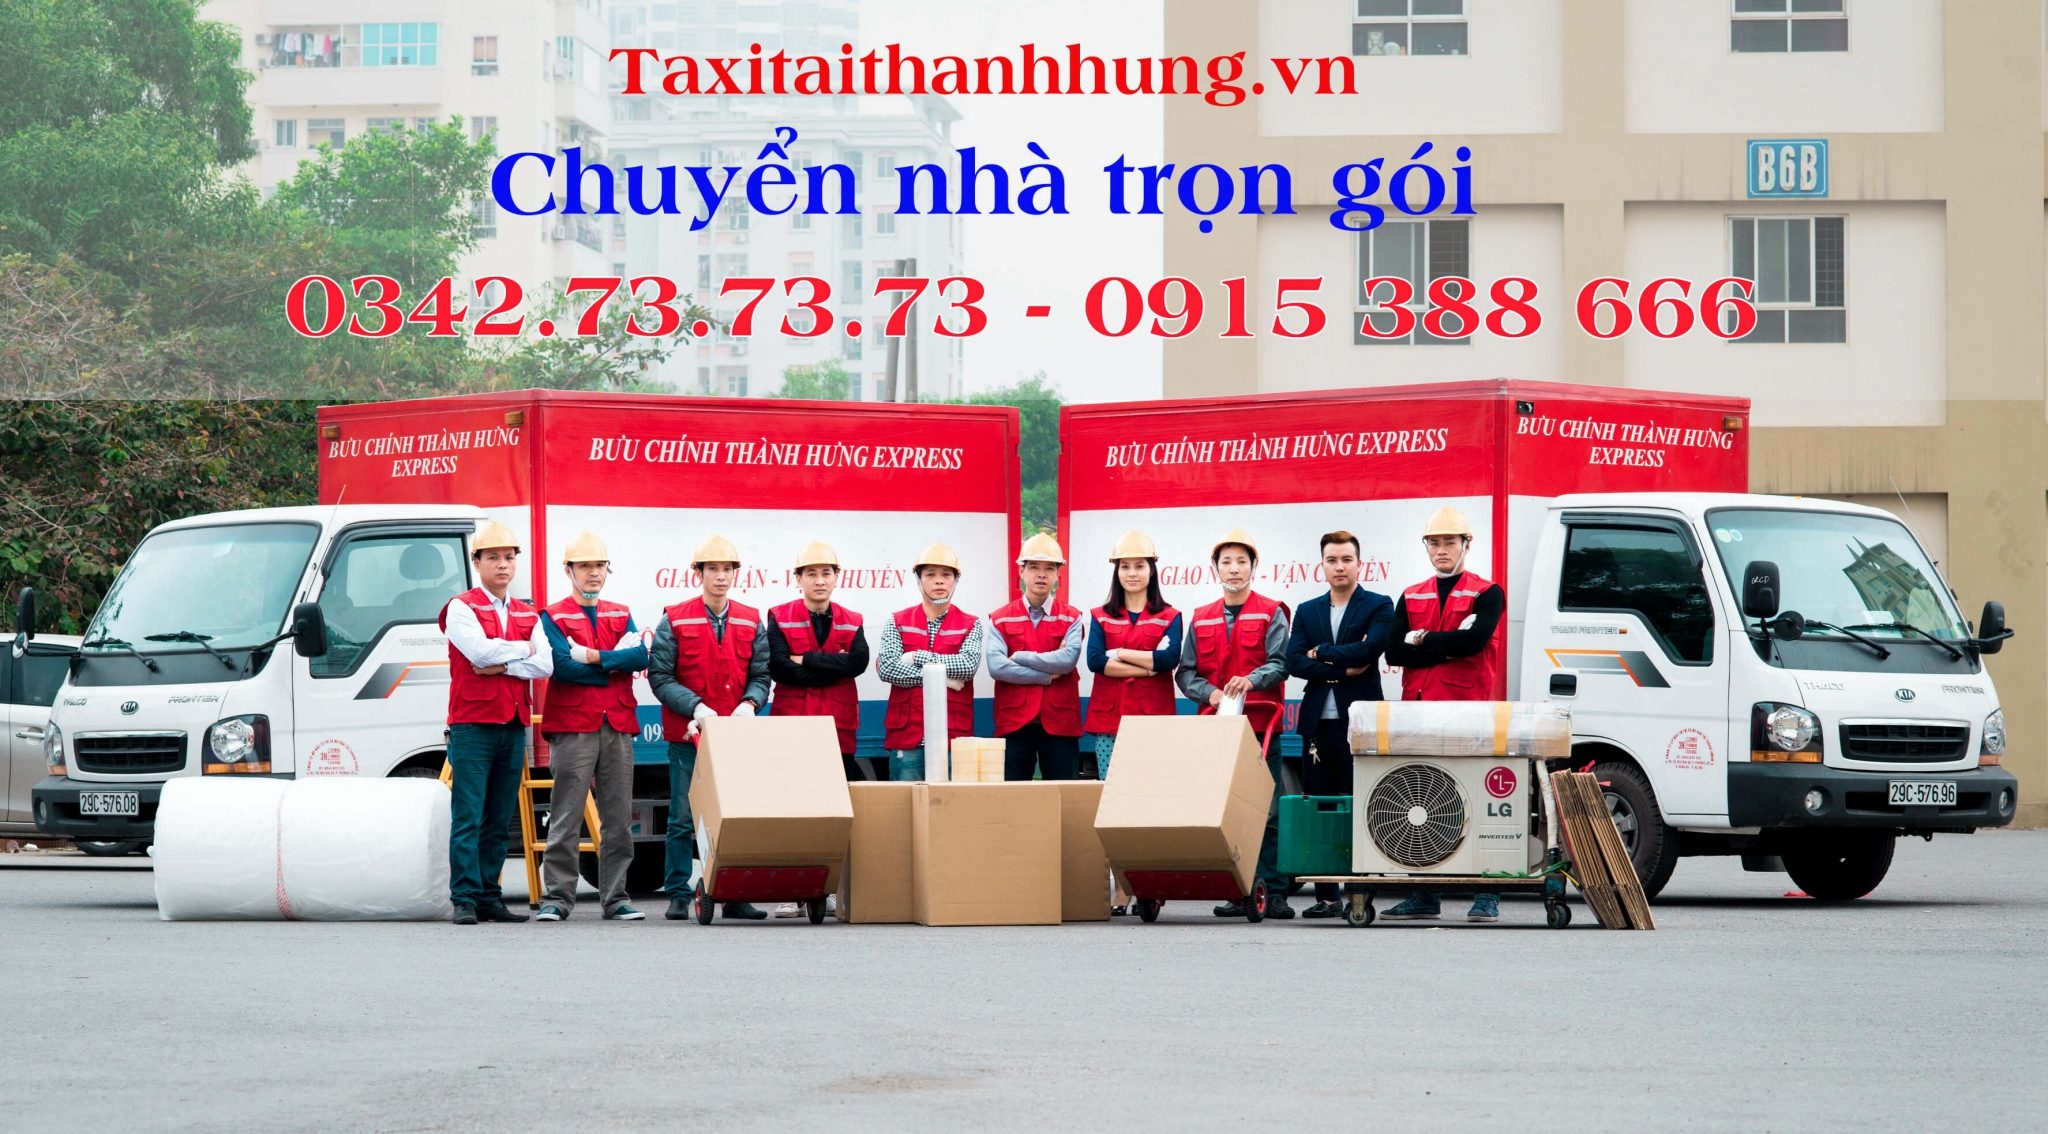 Chuyển nhà trọn gói Hà Nội - chuyển nhà Thành H (@chuyennhatrongoithanhhung) Cover Image